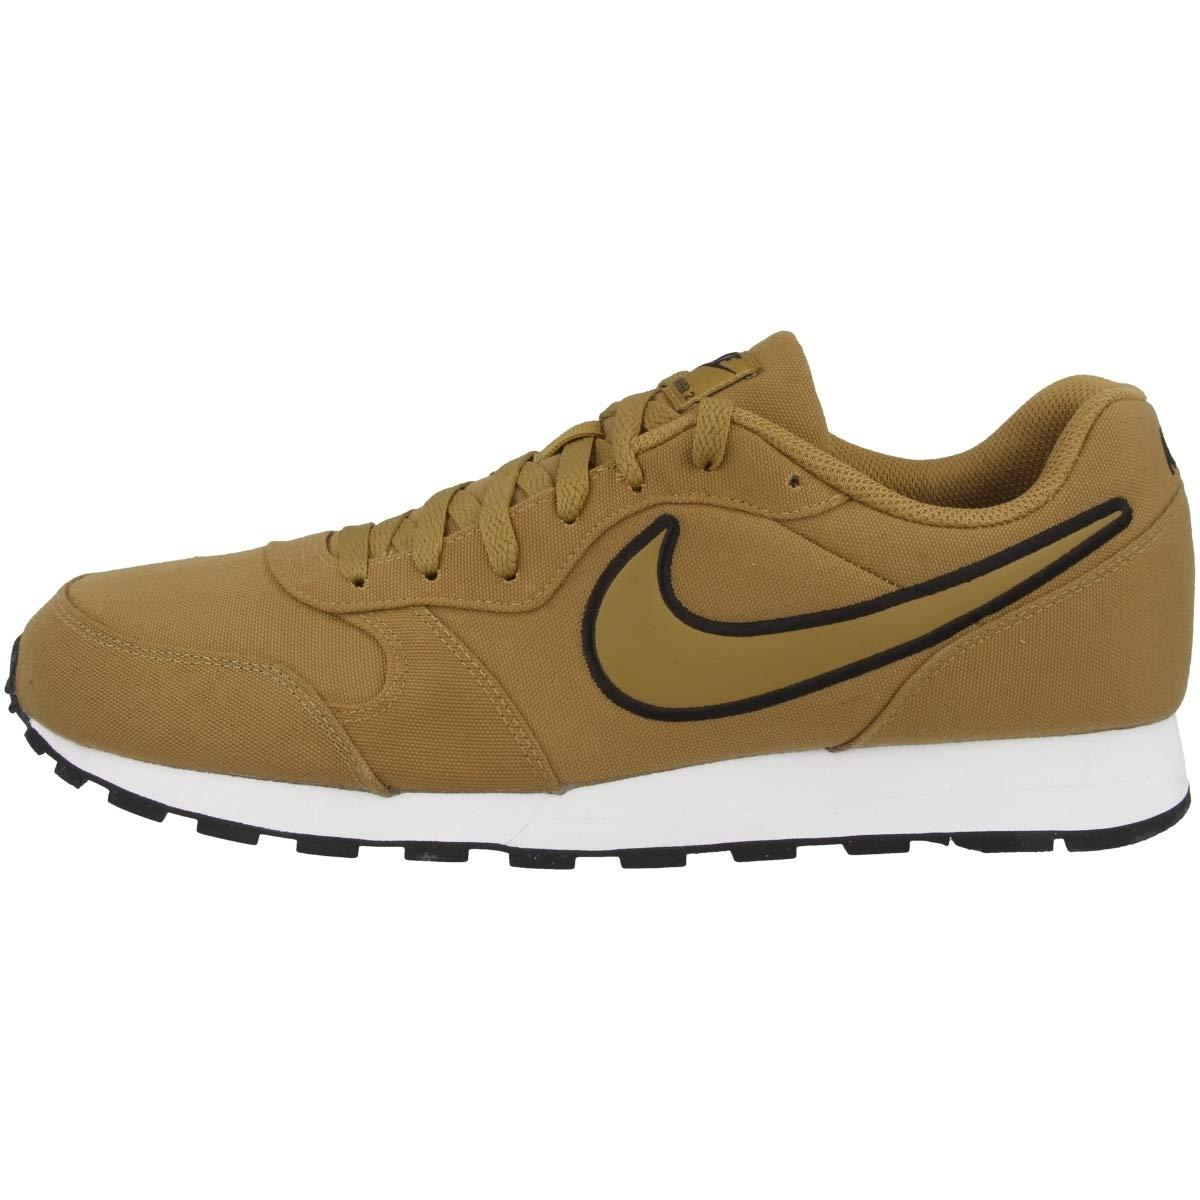 TALLA 43 EU. Nike MD Runner 2 Se, Zapatillas de Deporte para Hombre